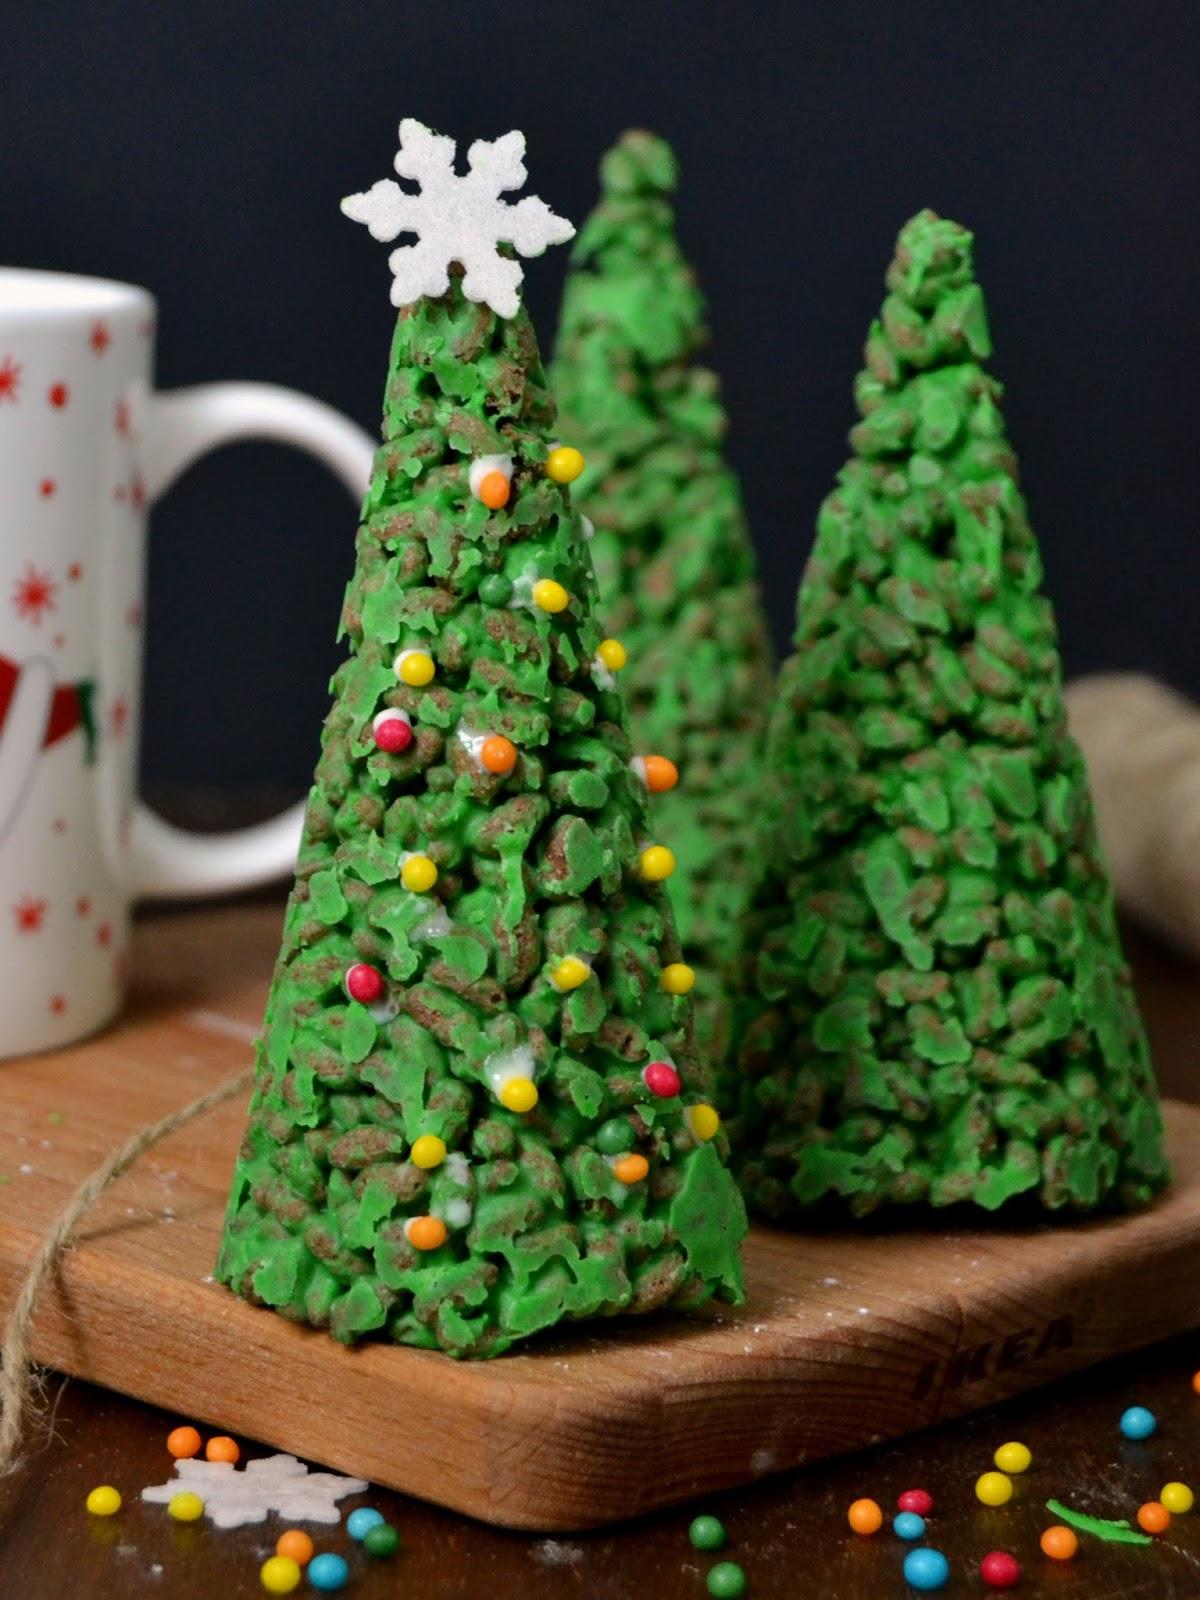 rboles de navidad de chocolate blanco y arroz inflado